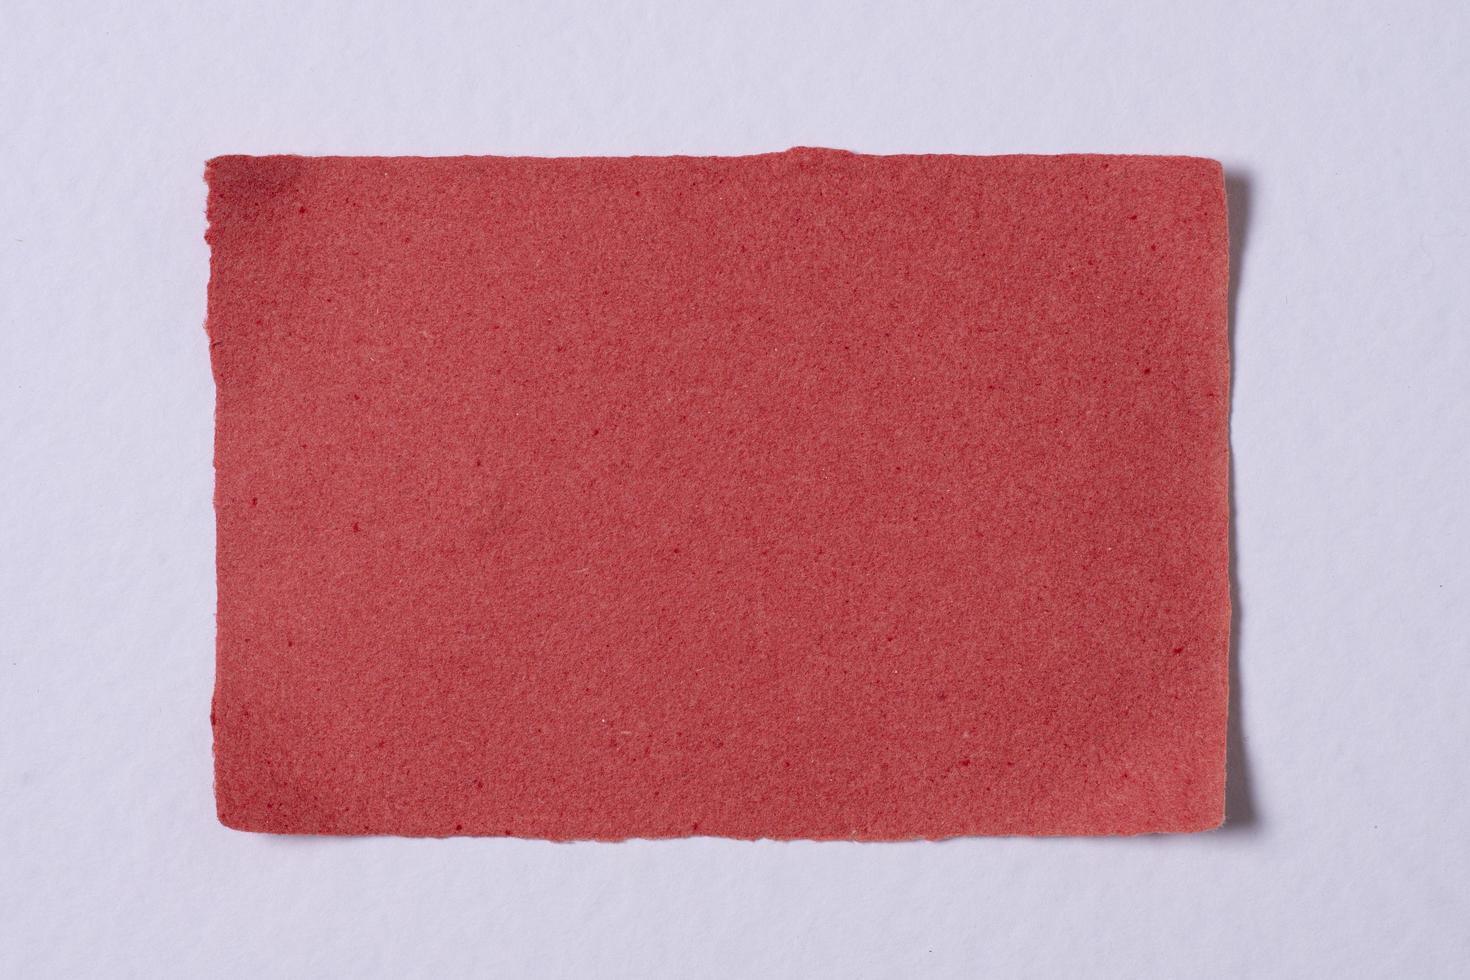 la vista superior de la textura del papel foto